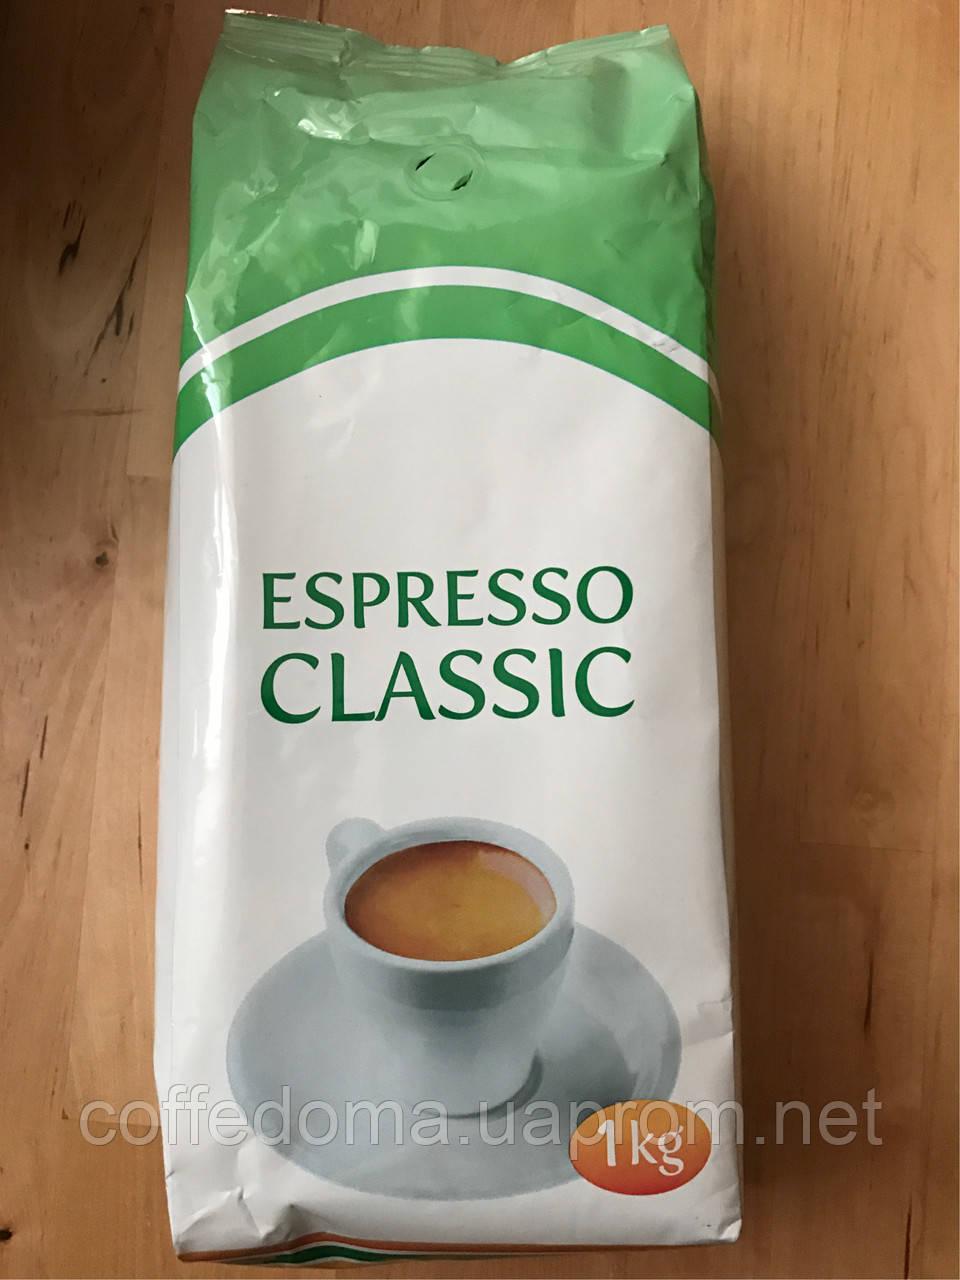 Espresso classic кофе зерновой 1 Кг